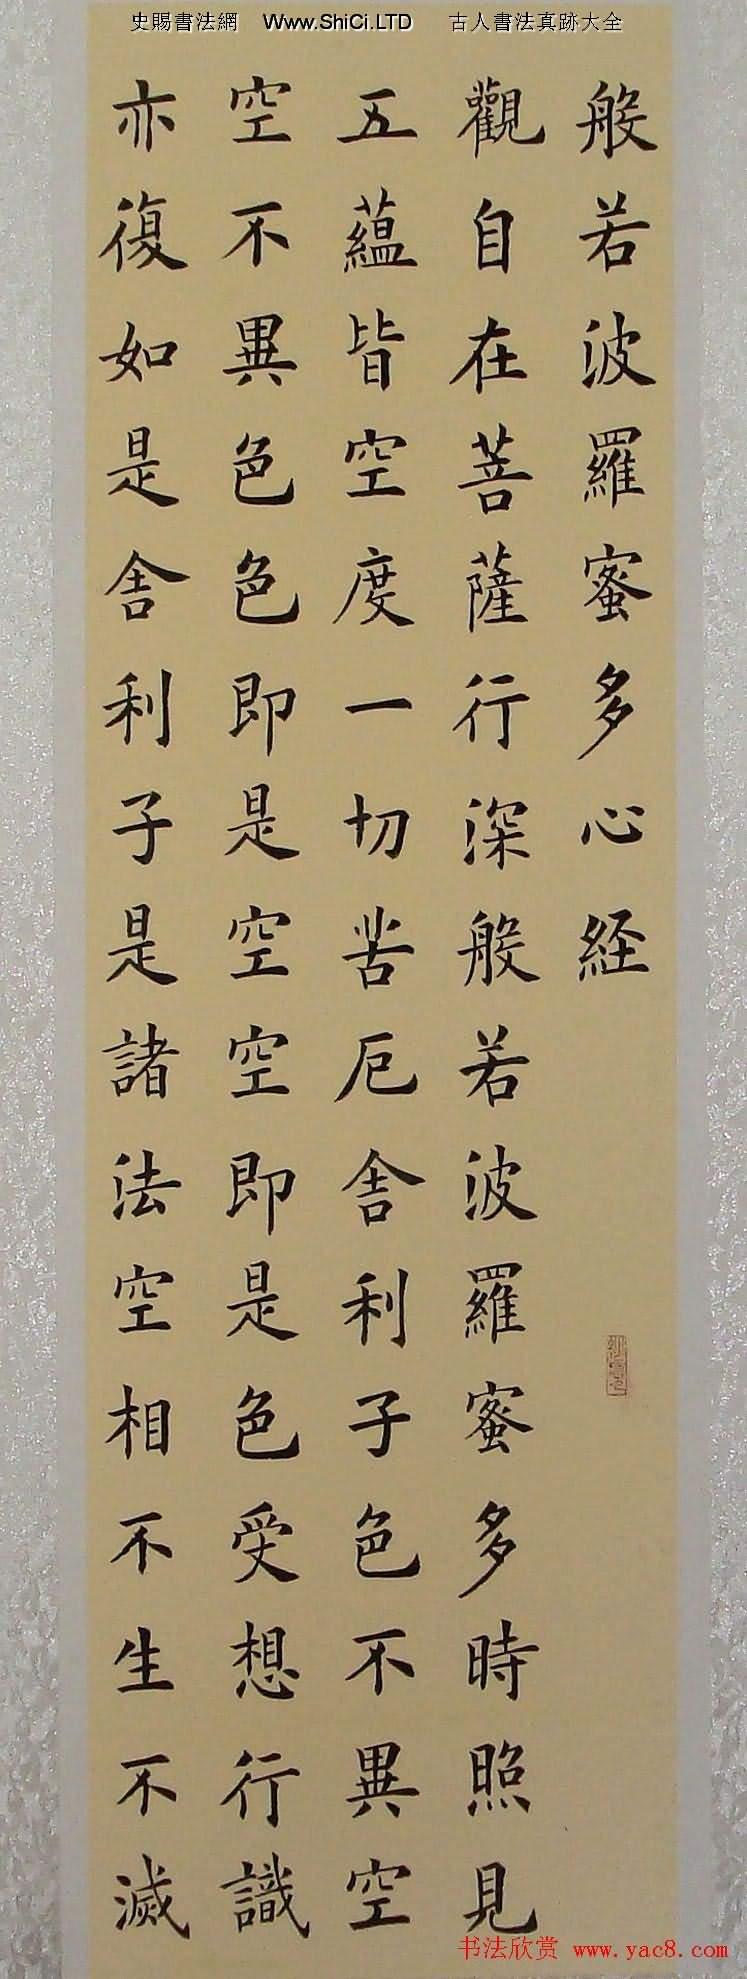 李鈞書法楷書作品真跡《心經》(共5張圖片)